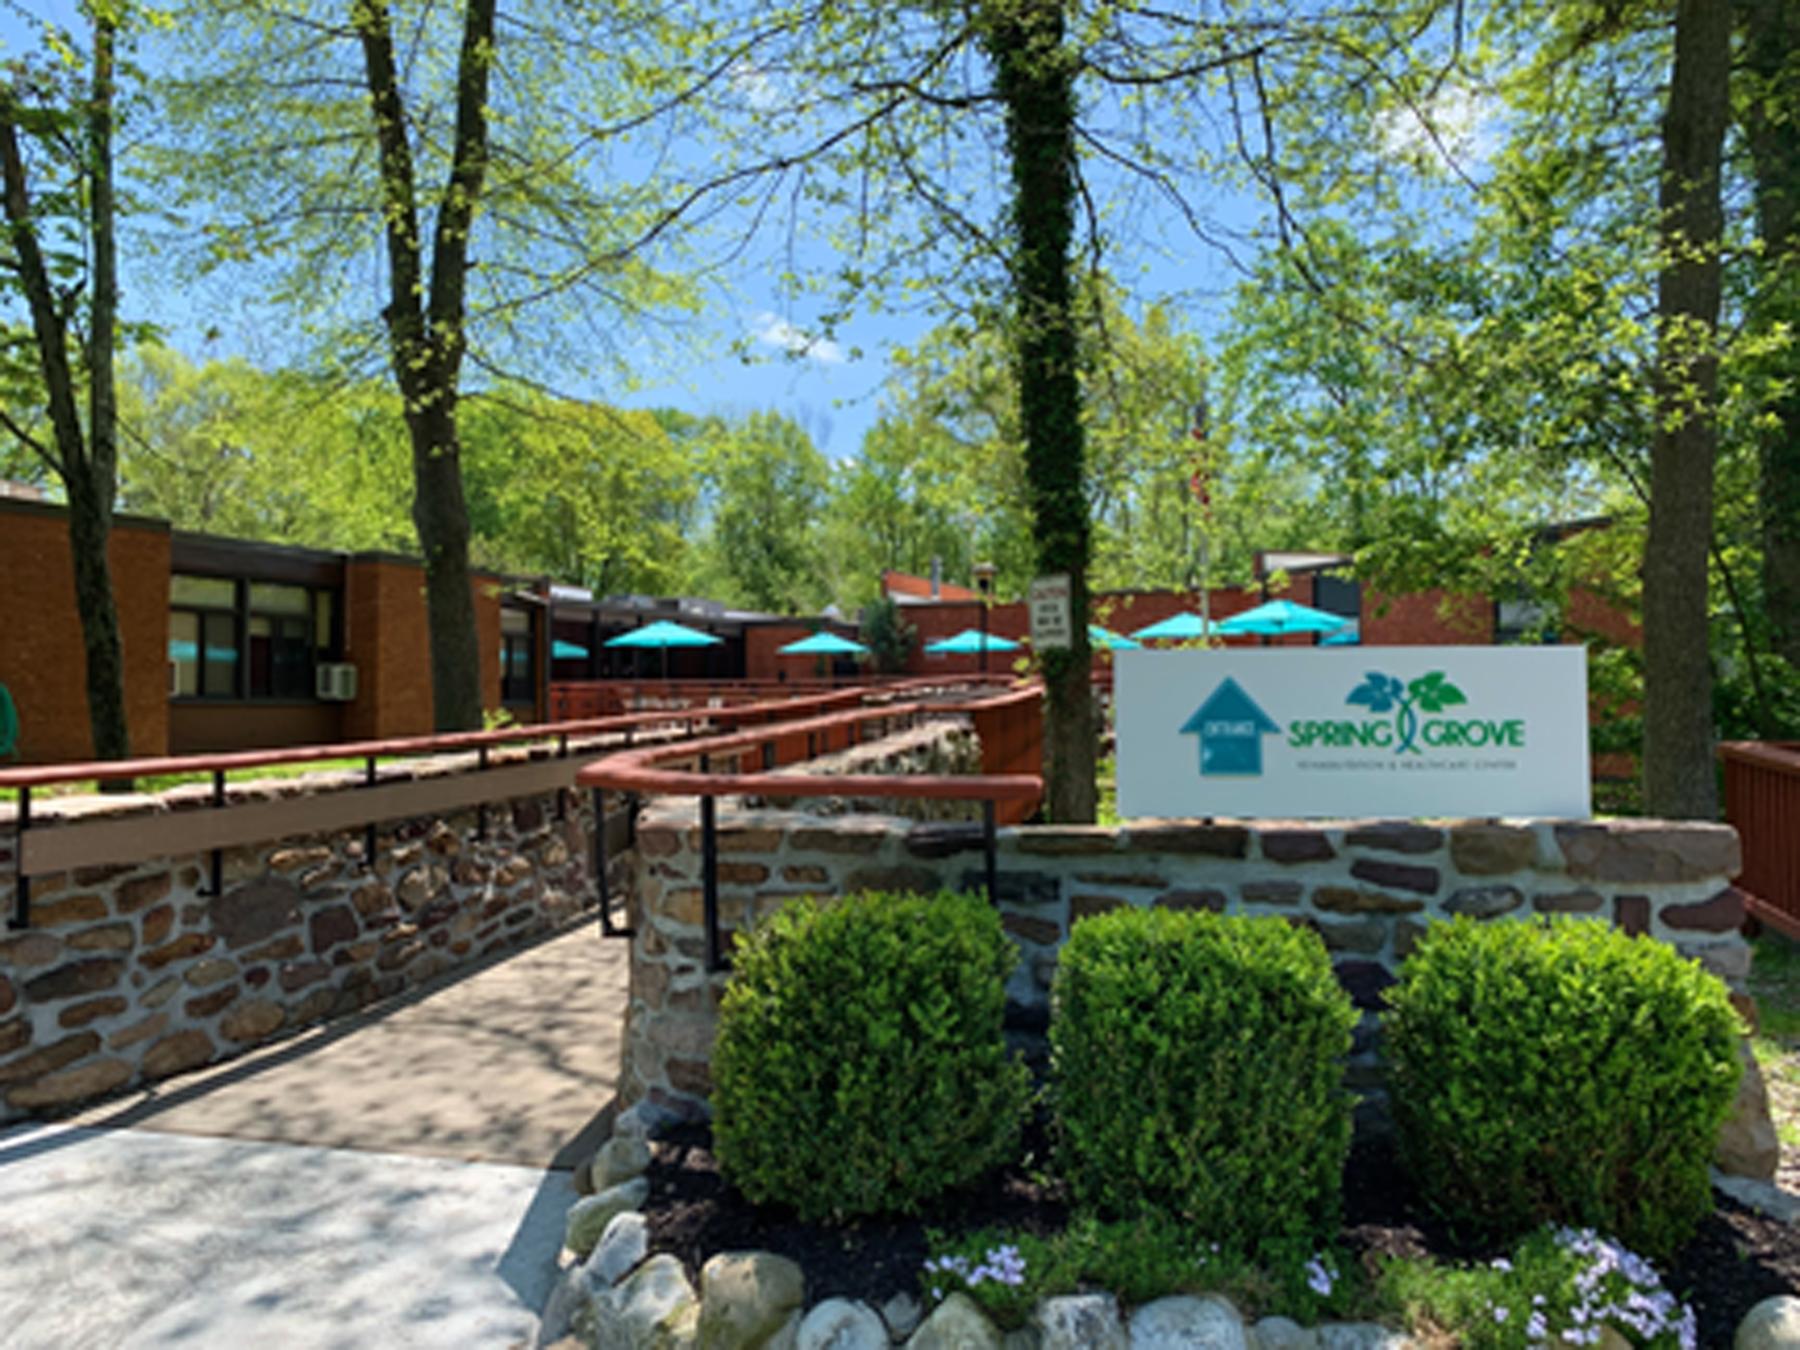 Spring Grove Rehabilitation Healthcare Center